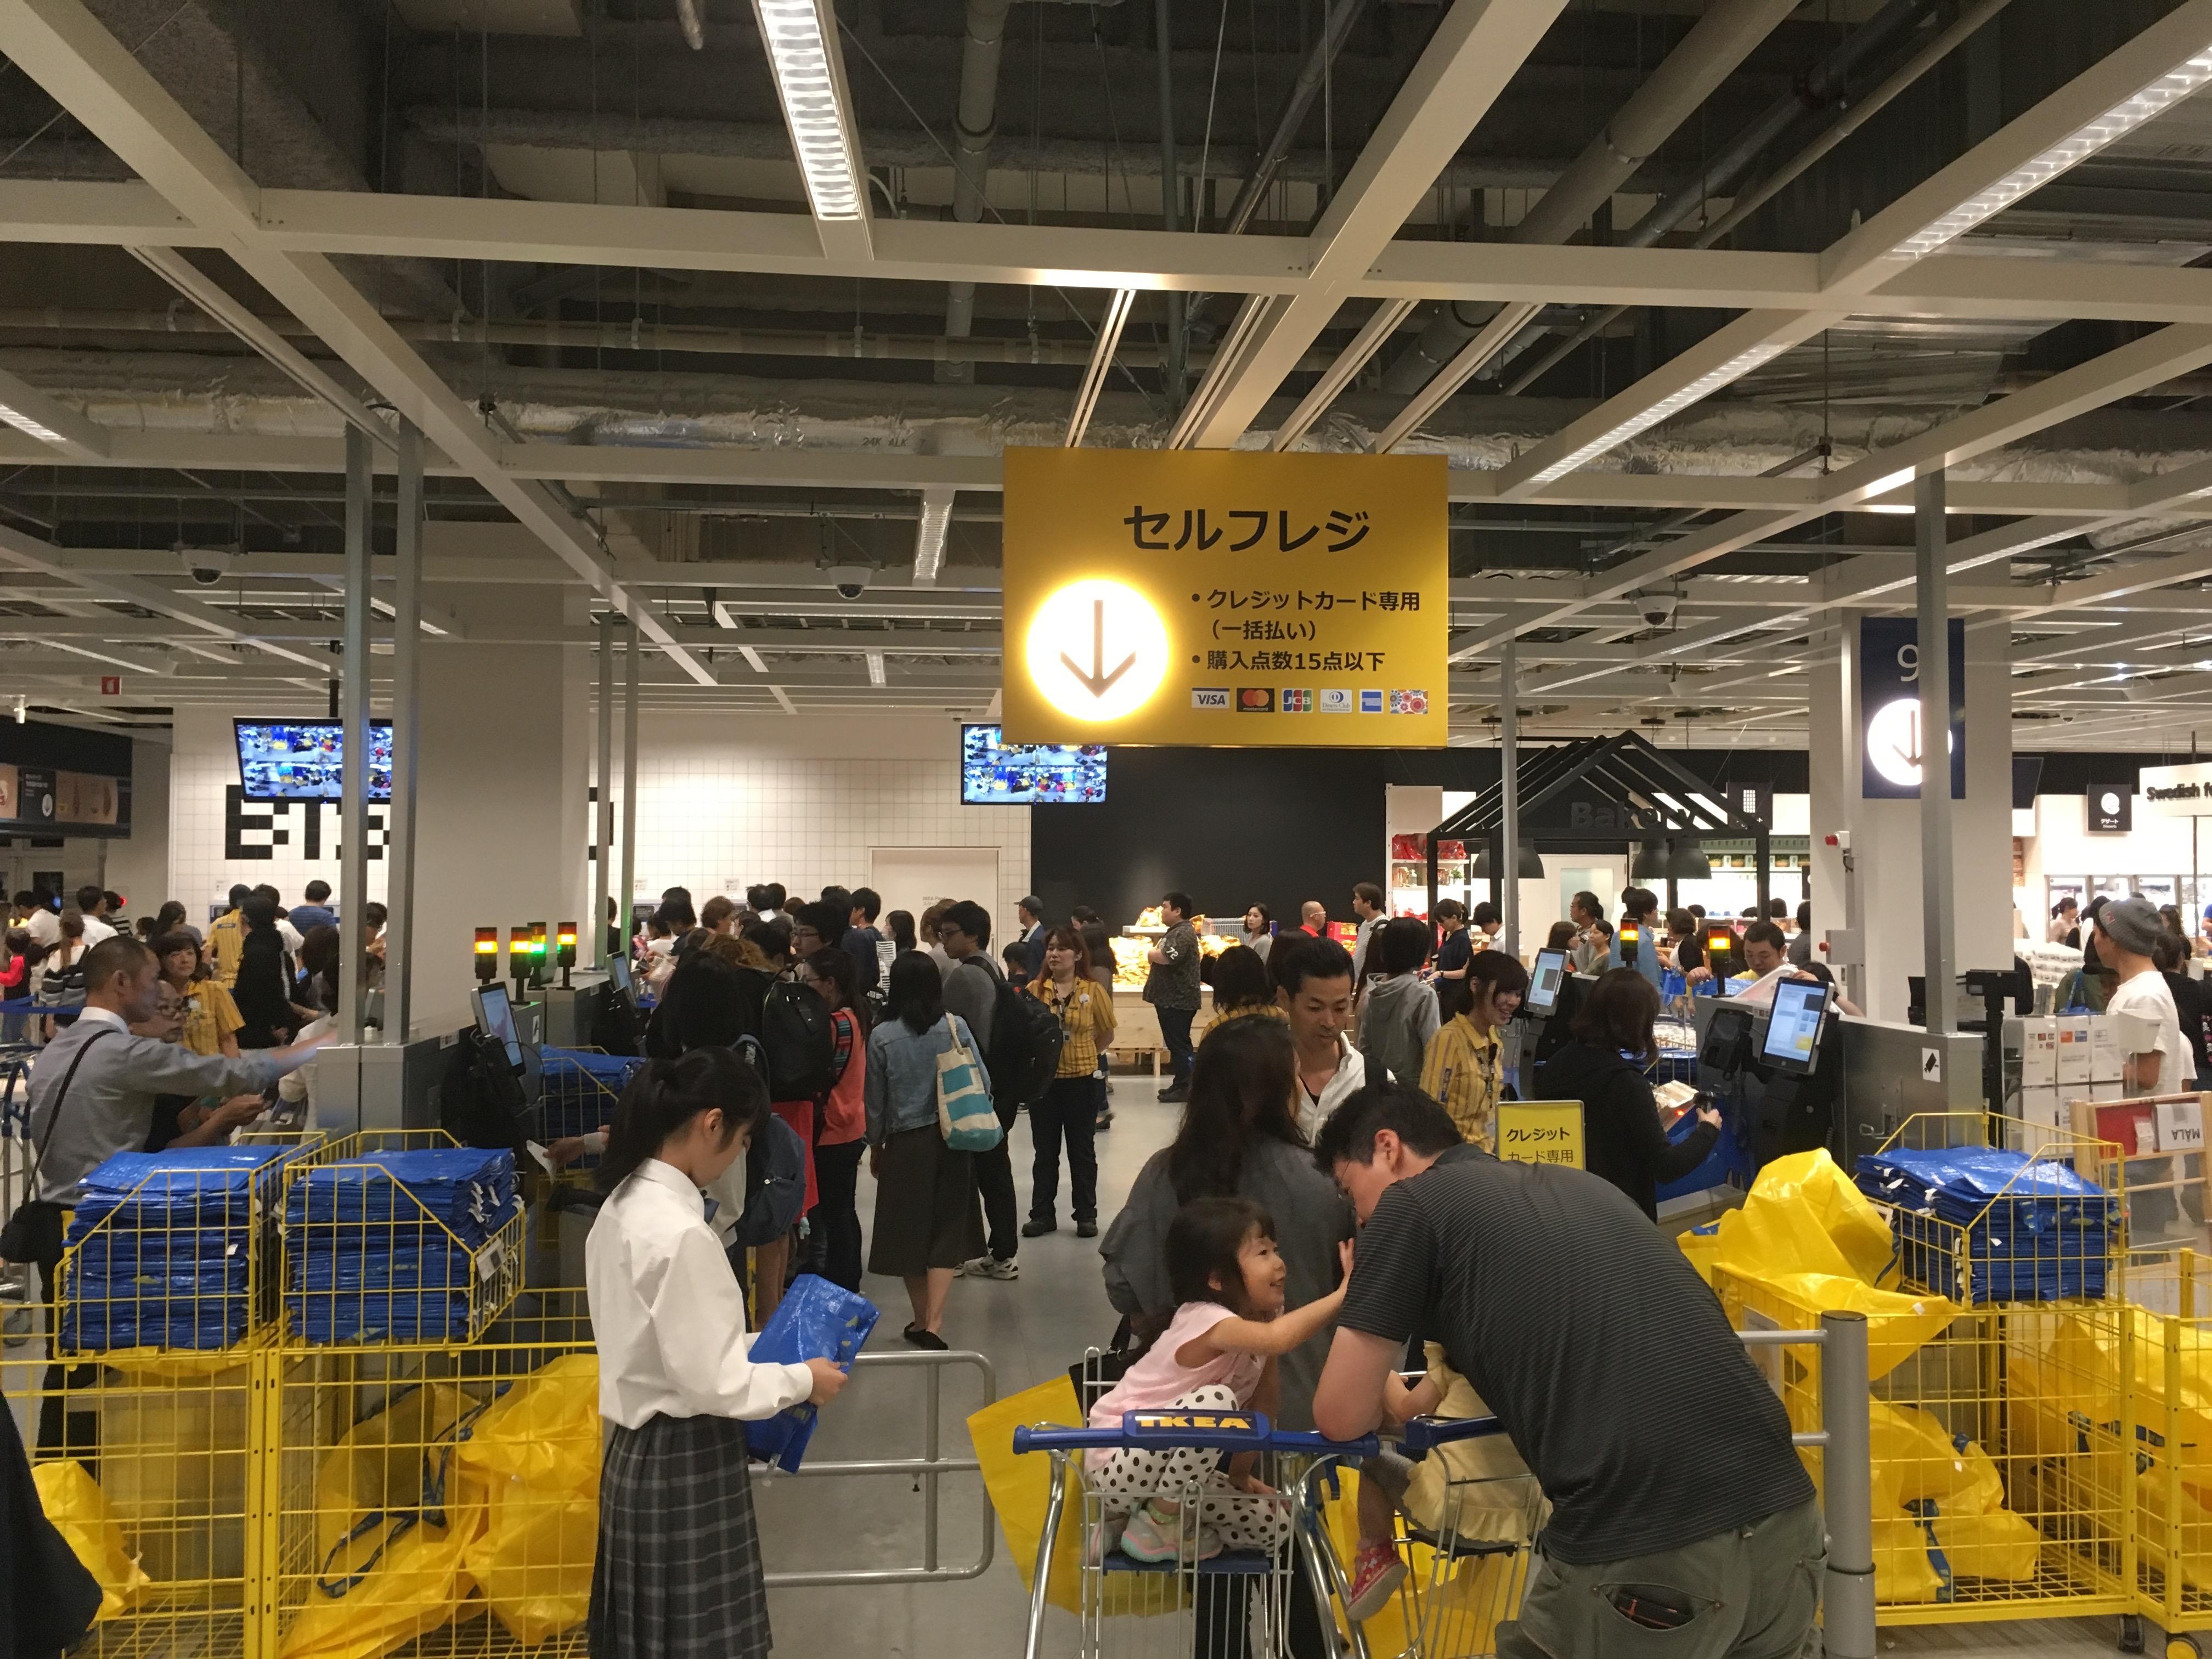 待望の東海地区初進出!ニューオープンのIKEA長久手に行ってきました! - IMG 7700